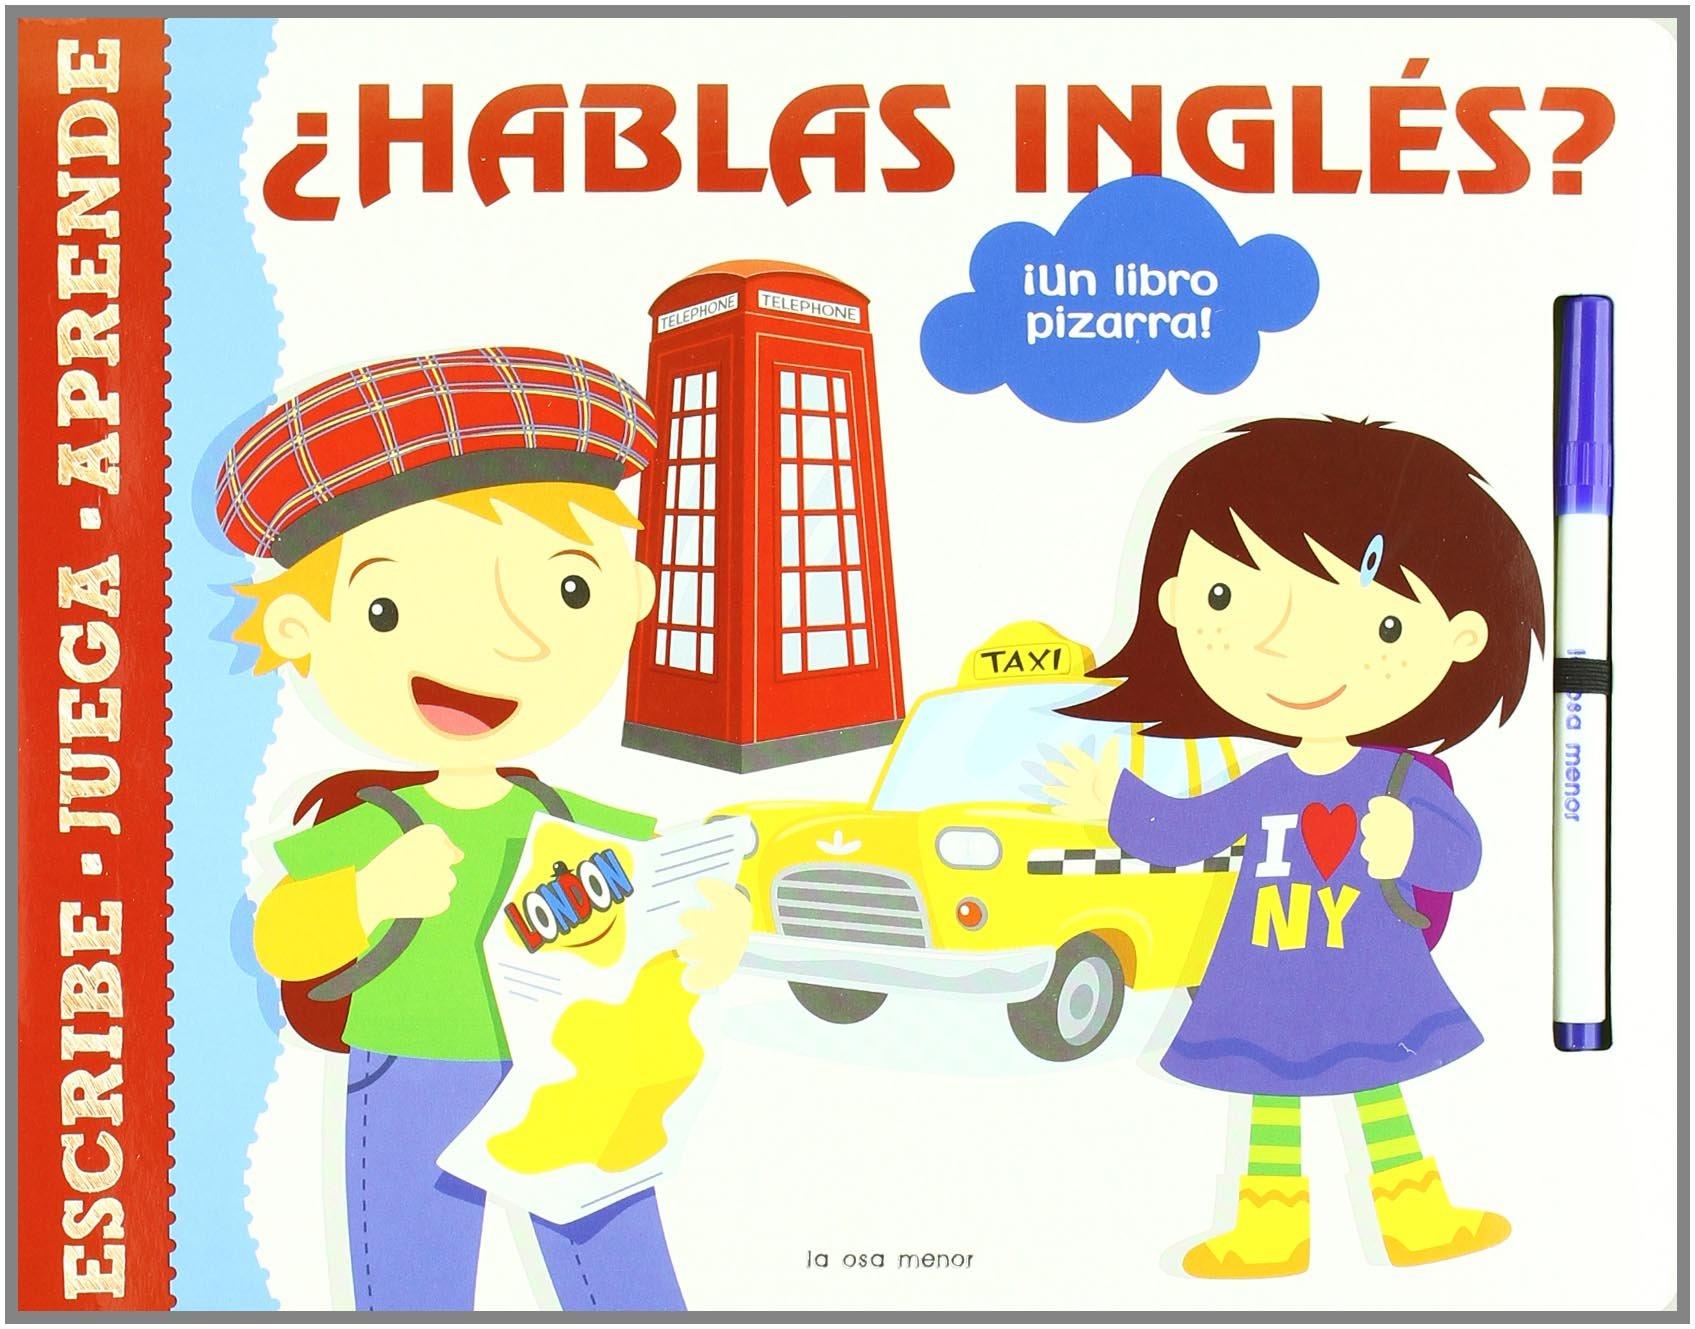 Hablas inglés?: ¡Un libro pizarra! (Luna de papel): Amazon ...